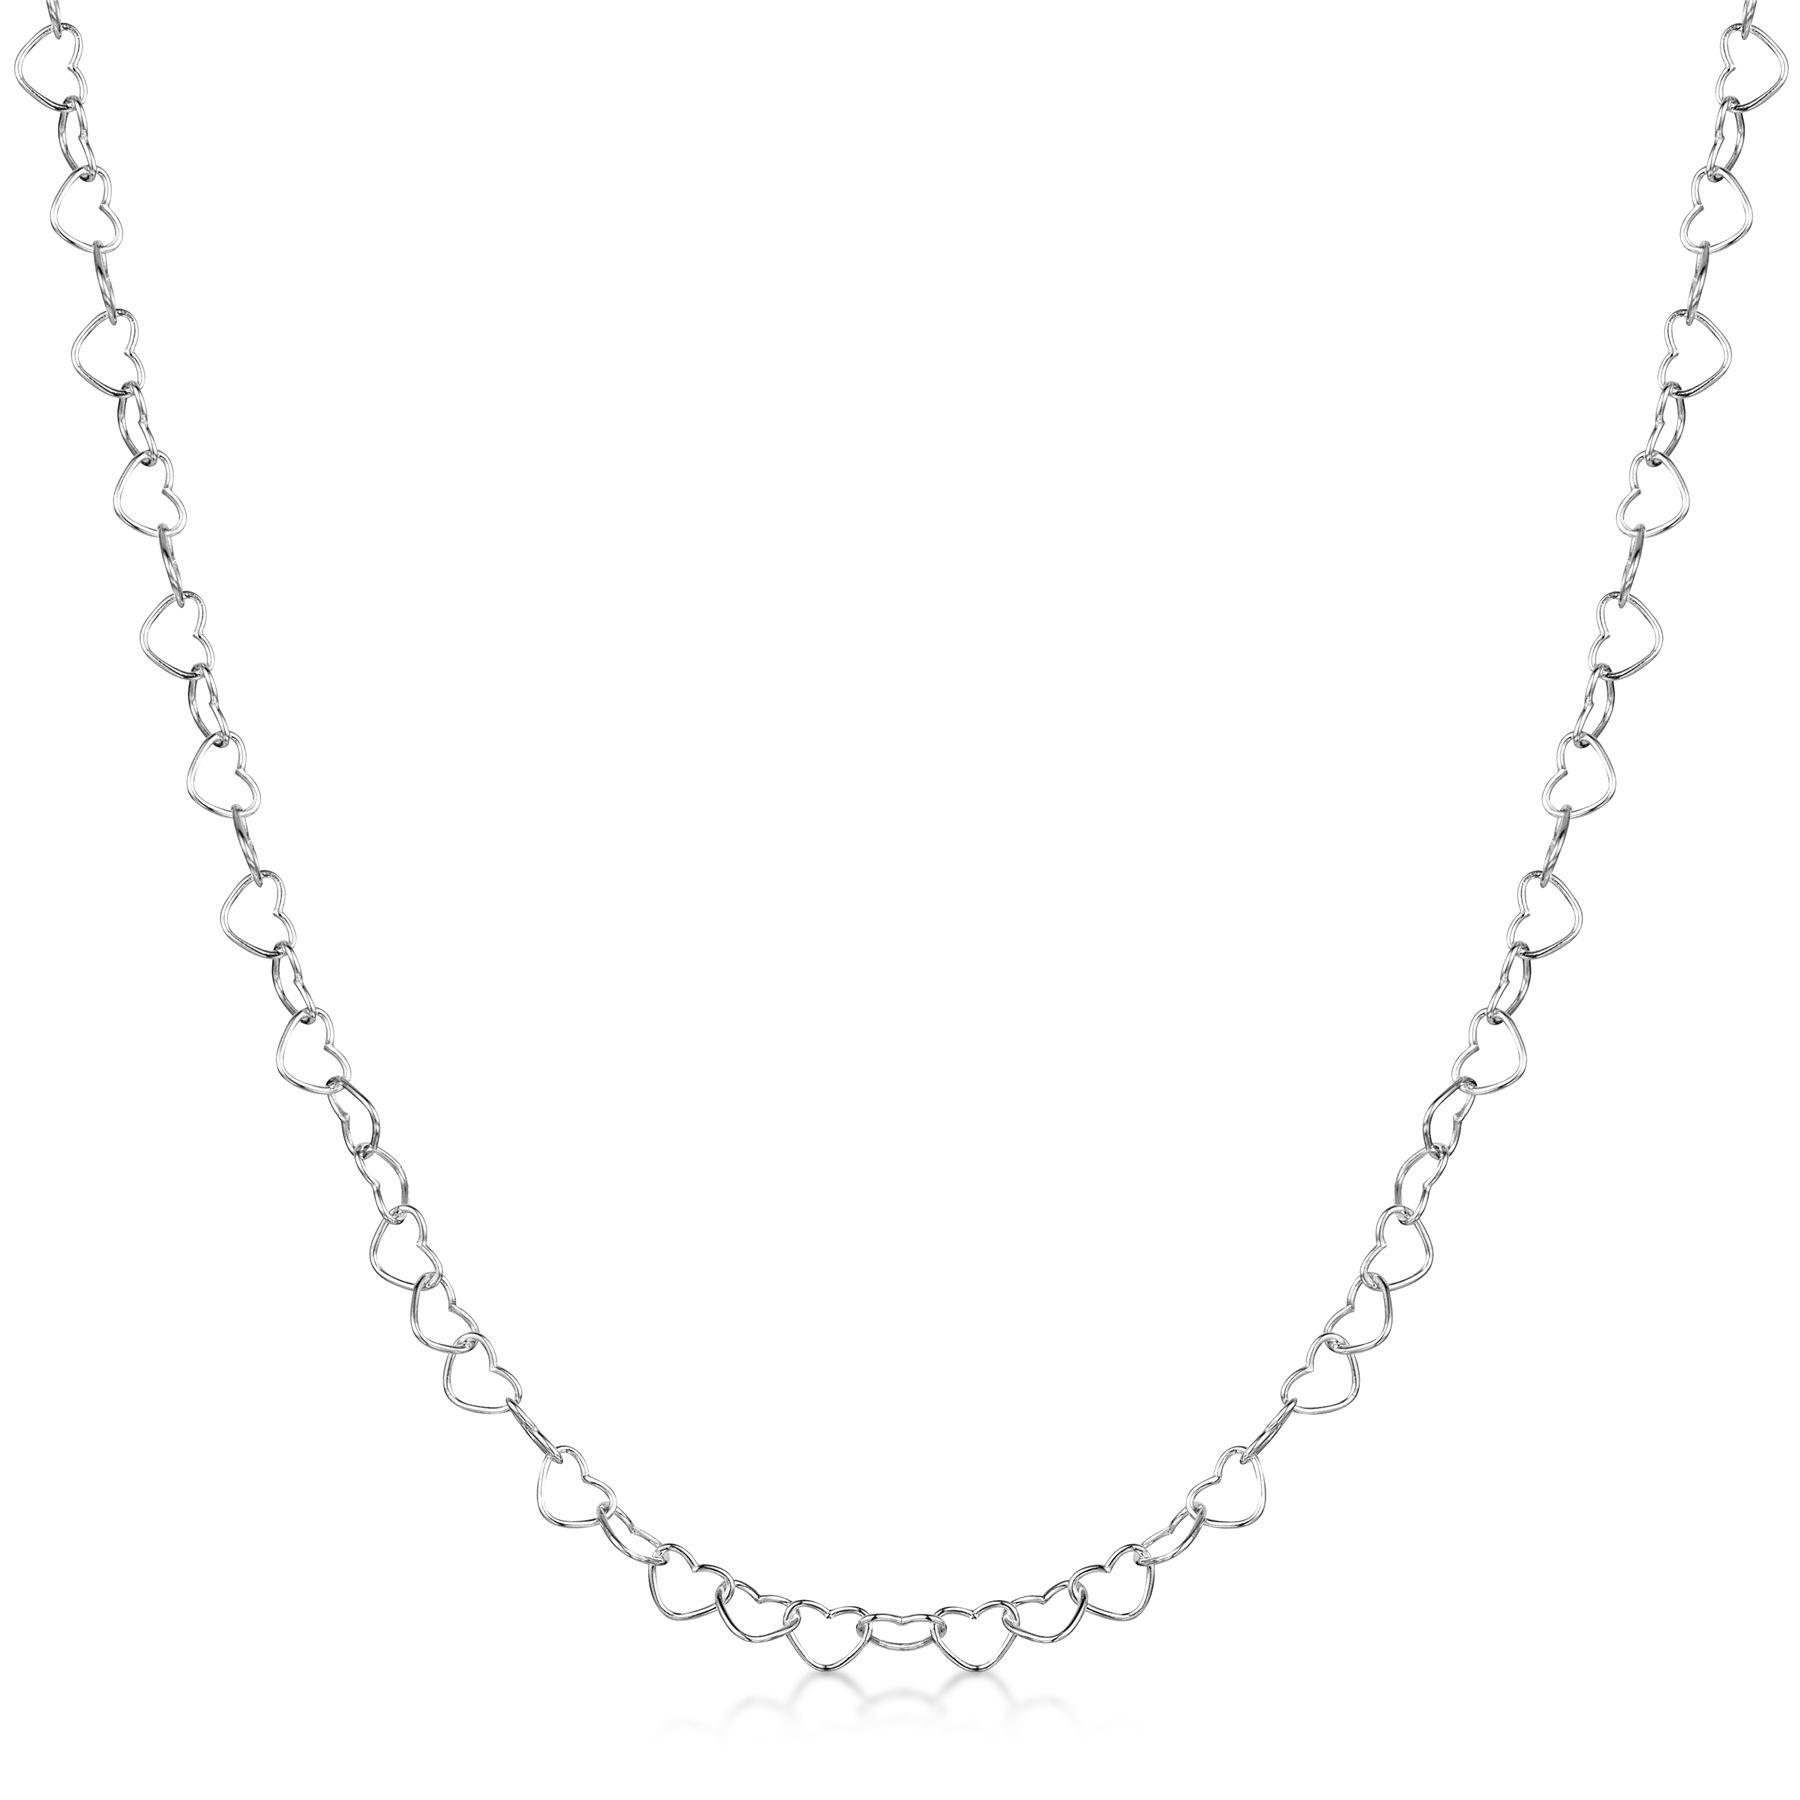 Amberta-Collar-en-Plata-De-Ley-925-Autentica-Cadena-para-Mujer-y-Hombre-Italiana miniatura 115